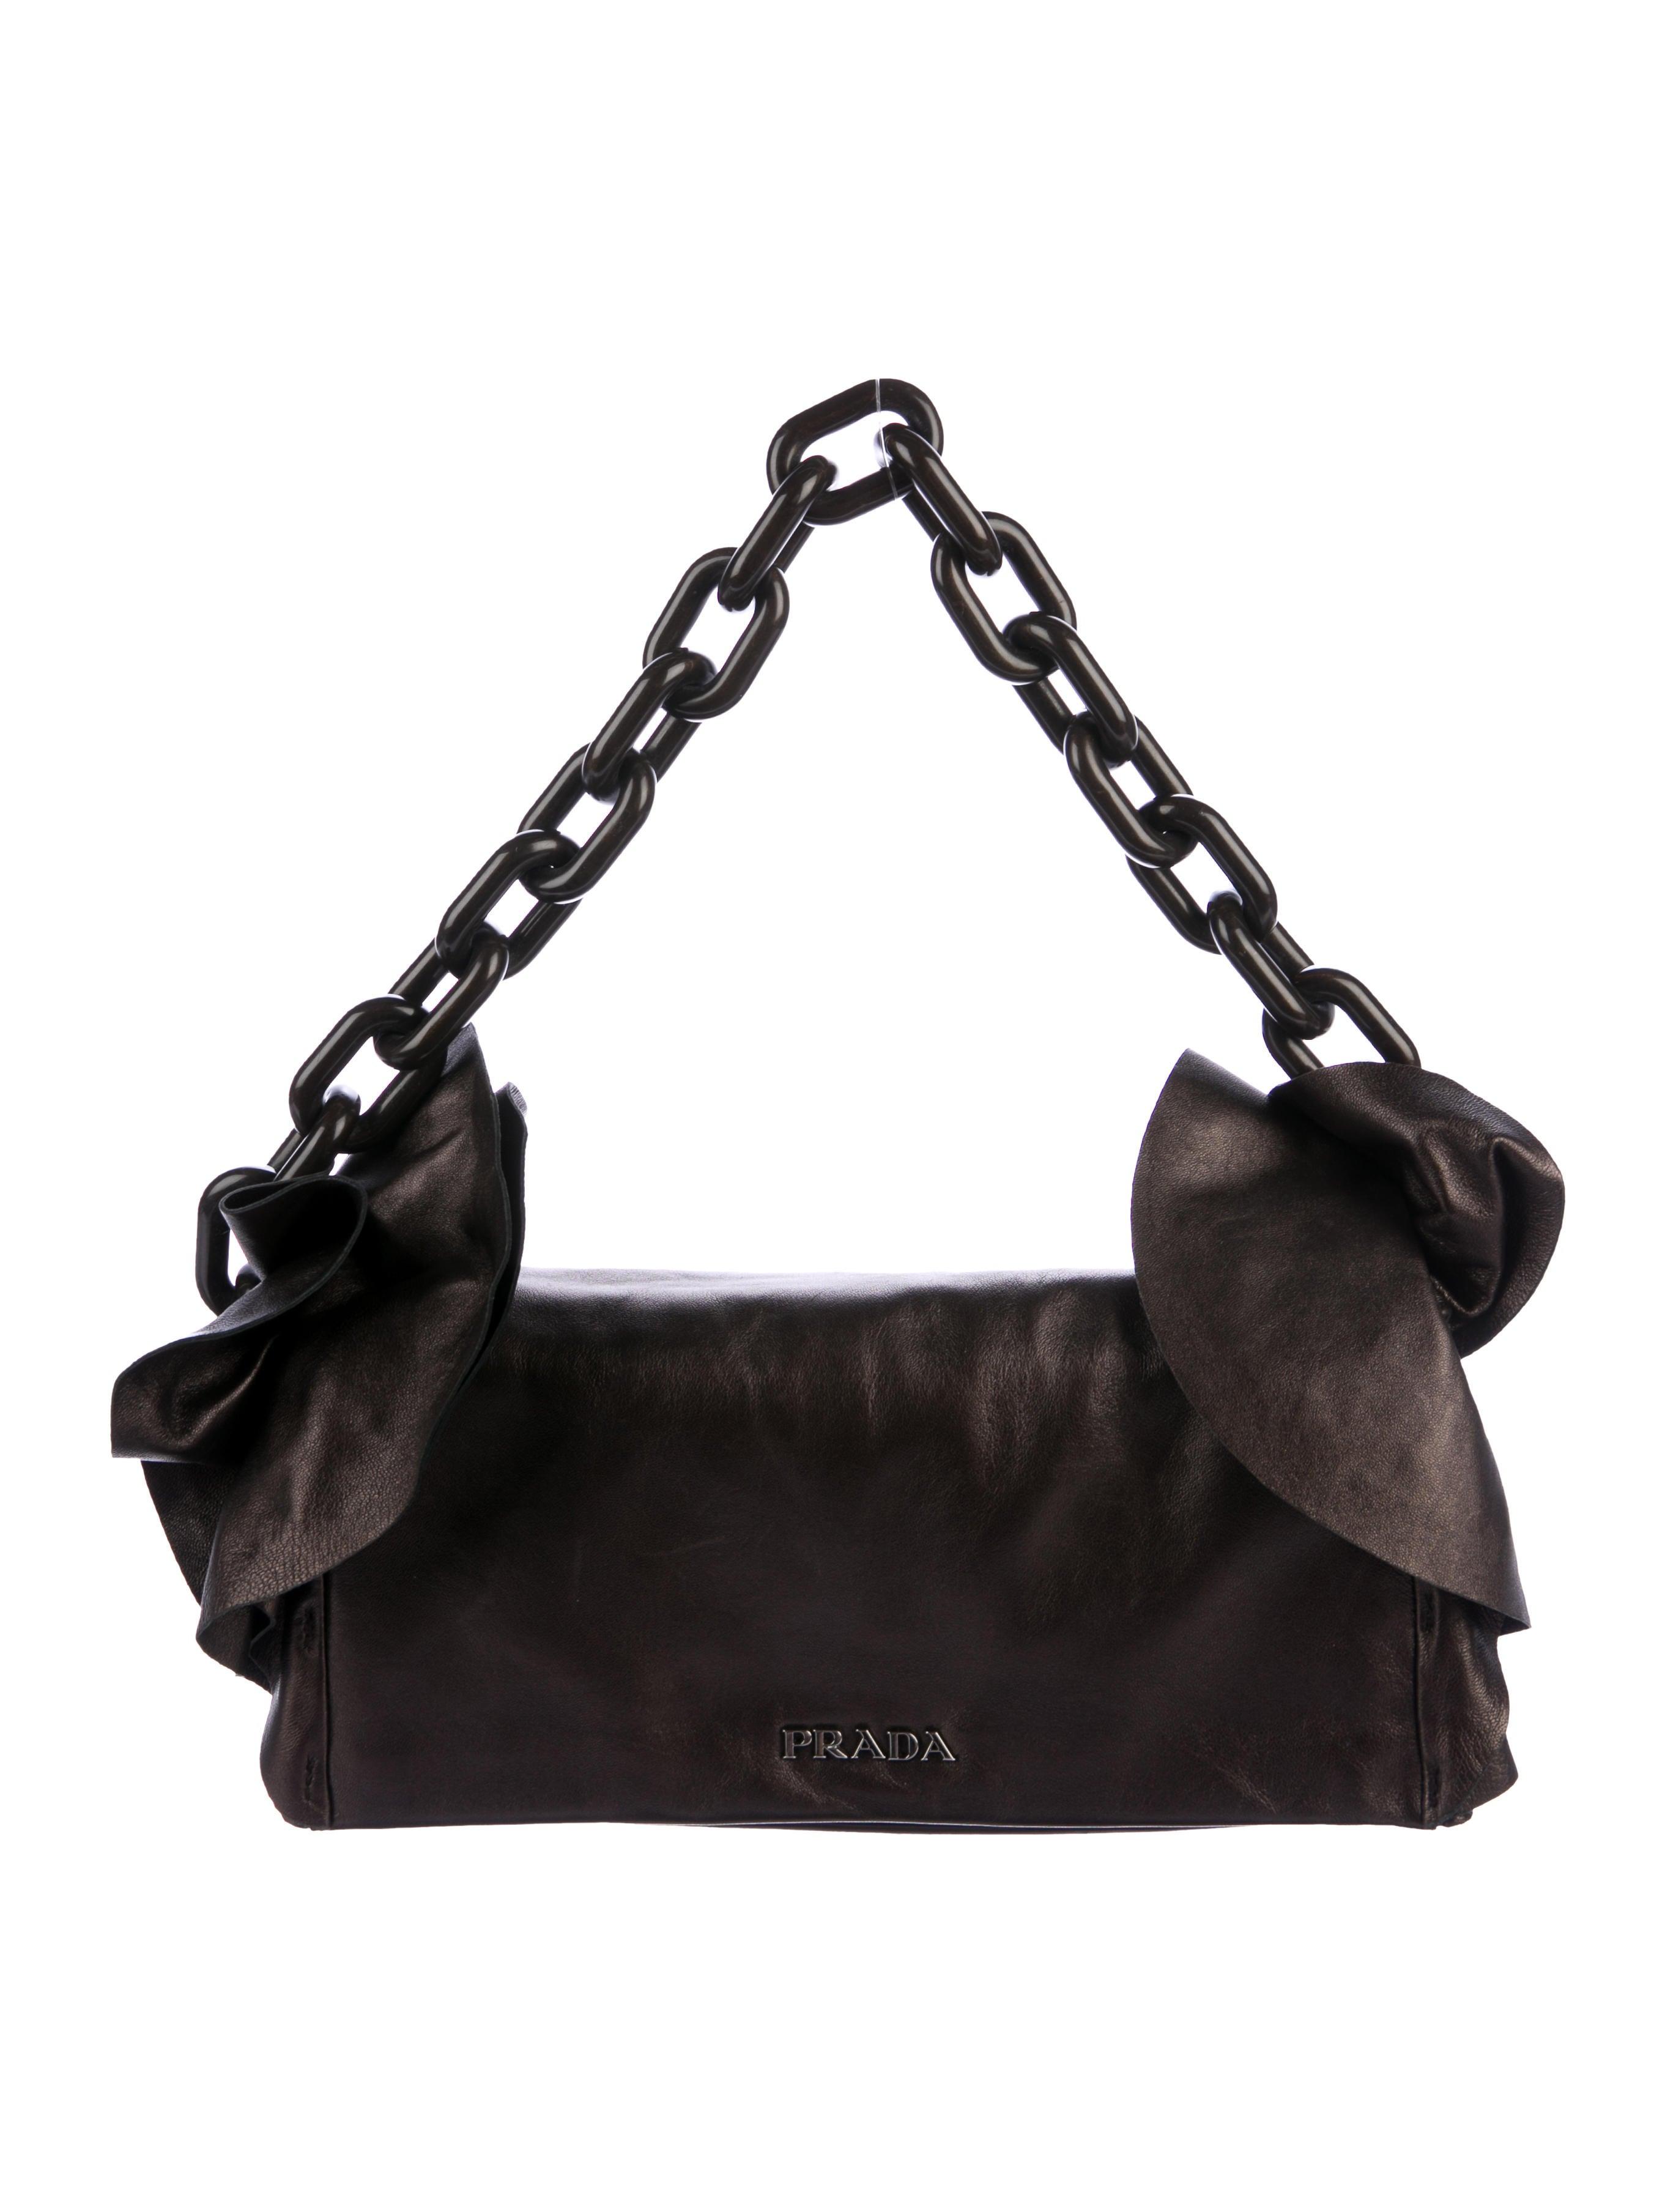 Pradaruffled chain shoulder bag Livraison Gratuite Profiter Réduction À Faible Frais D'expédition Magasin De Vente Pour Pas Cher oXlfY